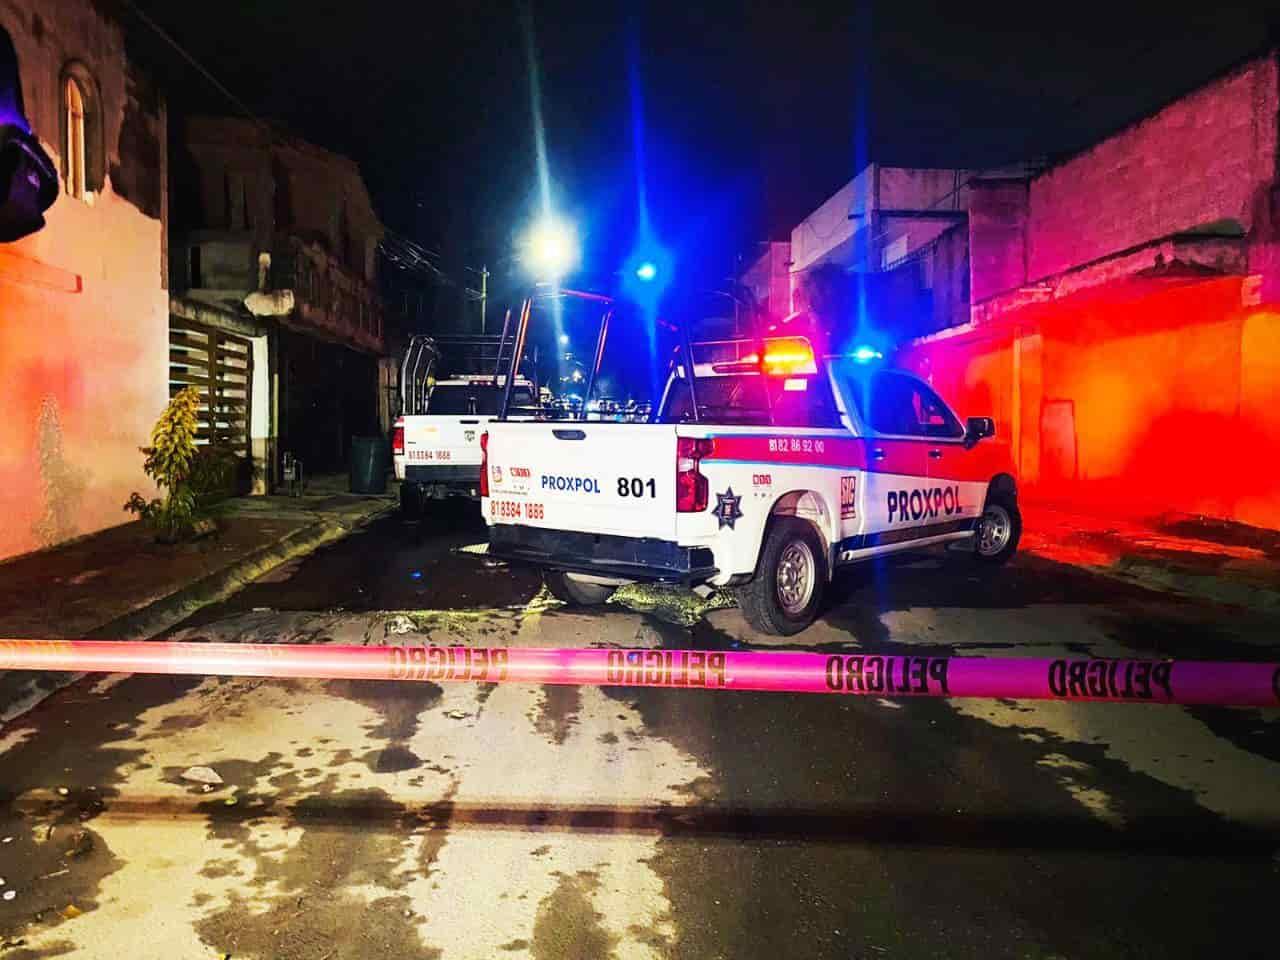 Ejecutan a conductor de camioneta con placas de Sinaloa, cae uno de los siacrios